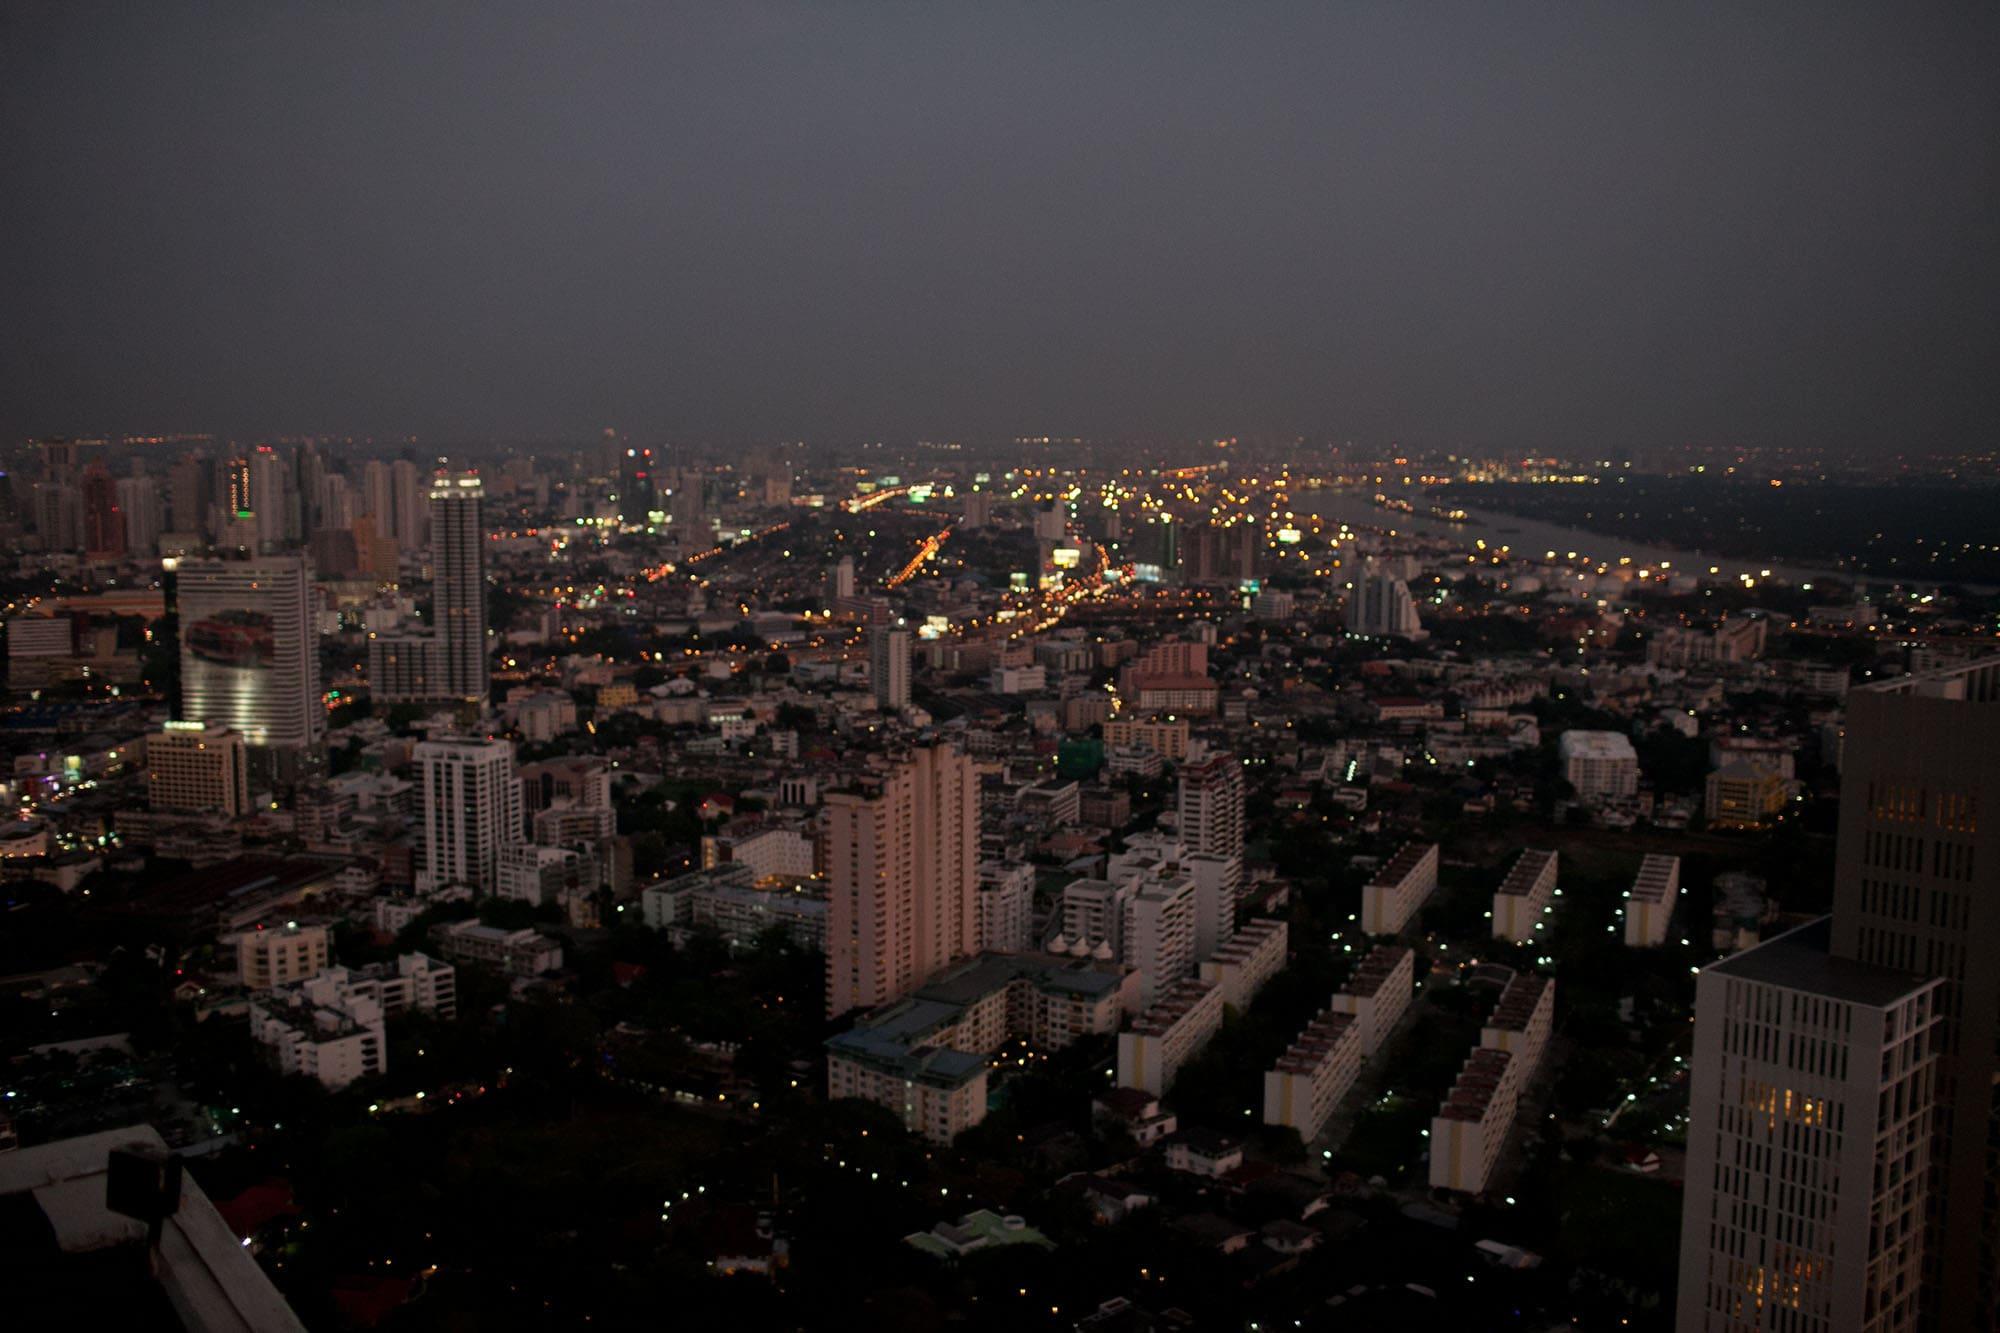 Vertigo rooftop bar in Bangkok, Thailand